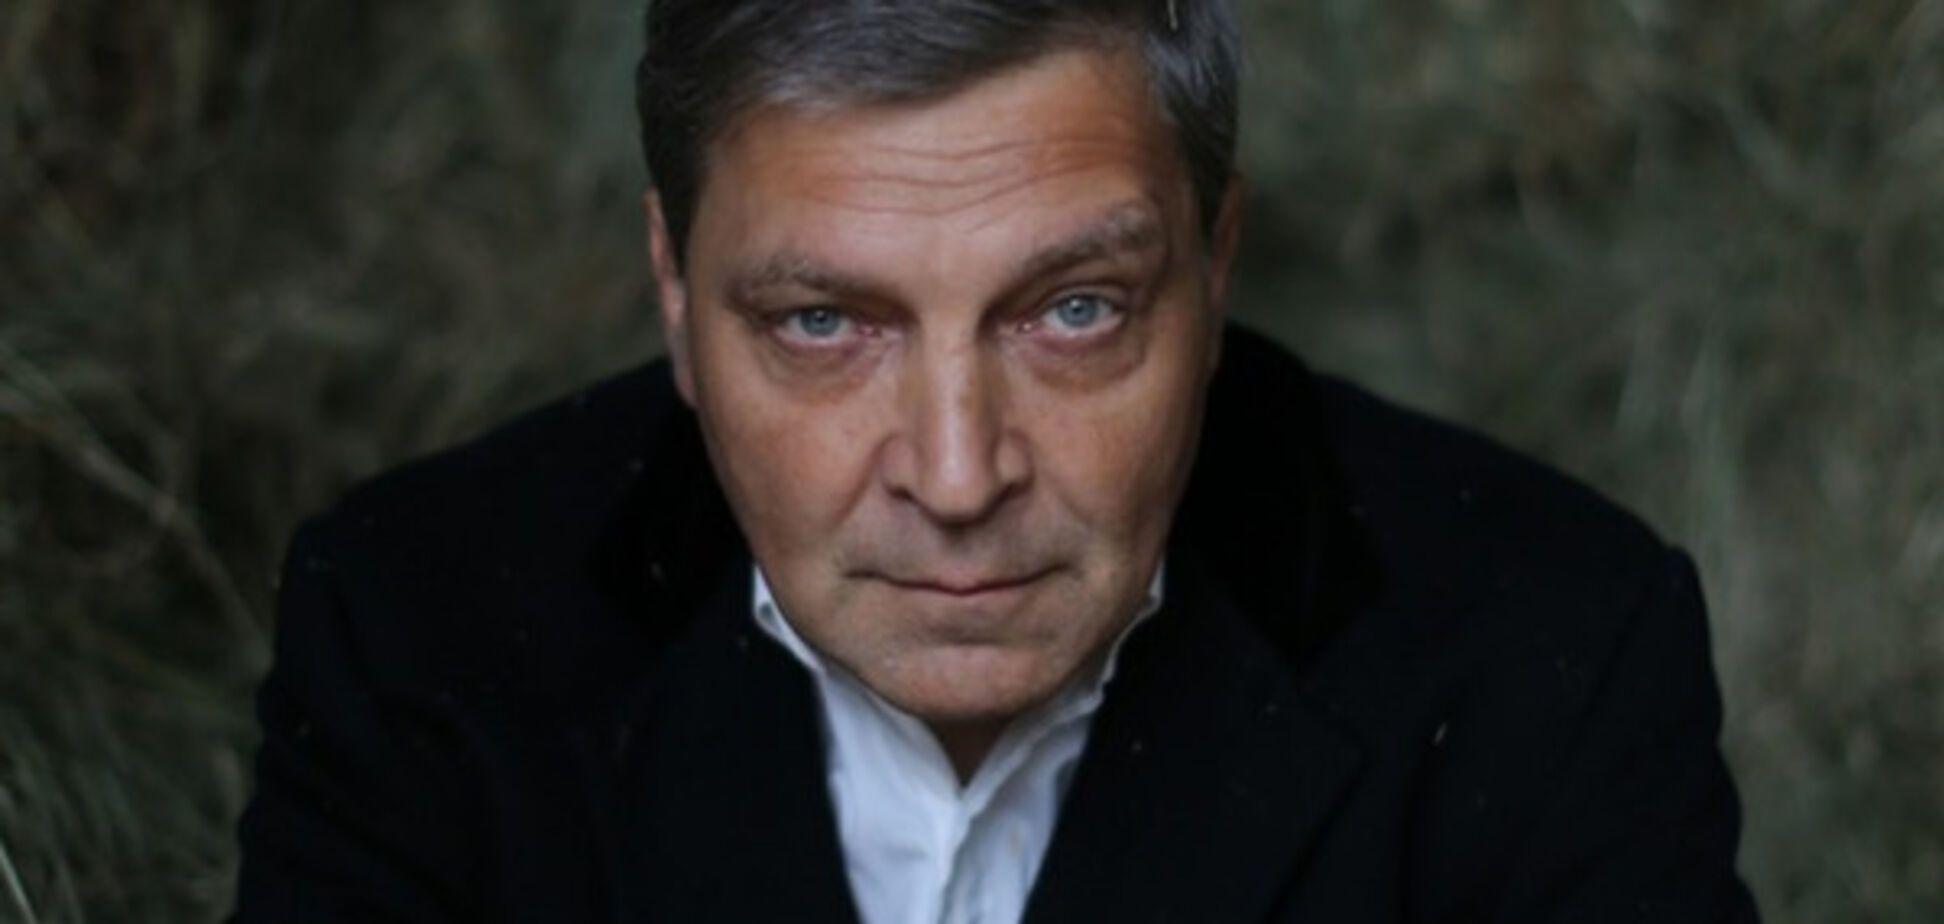 Олександр Невзоров прокоментував теракт у Пітері